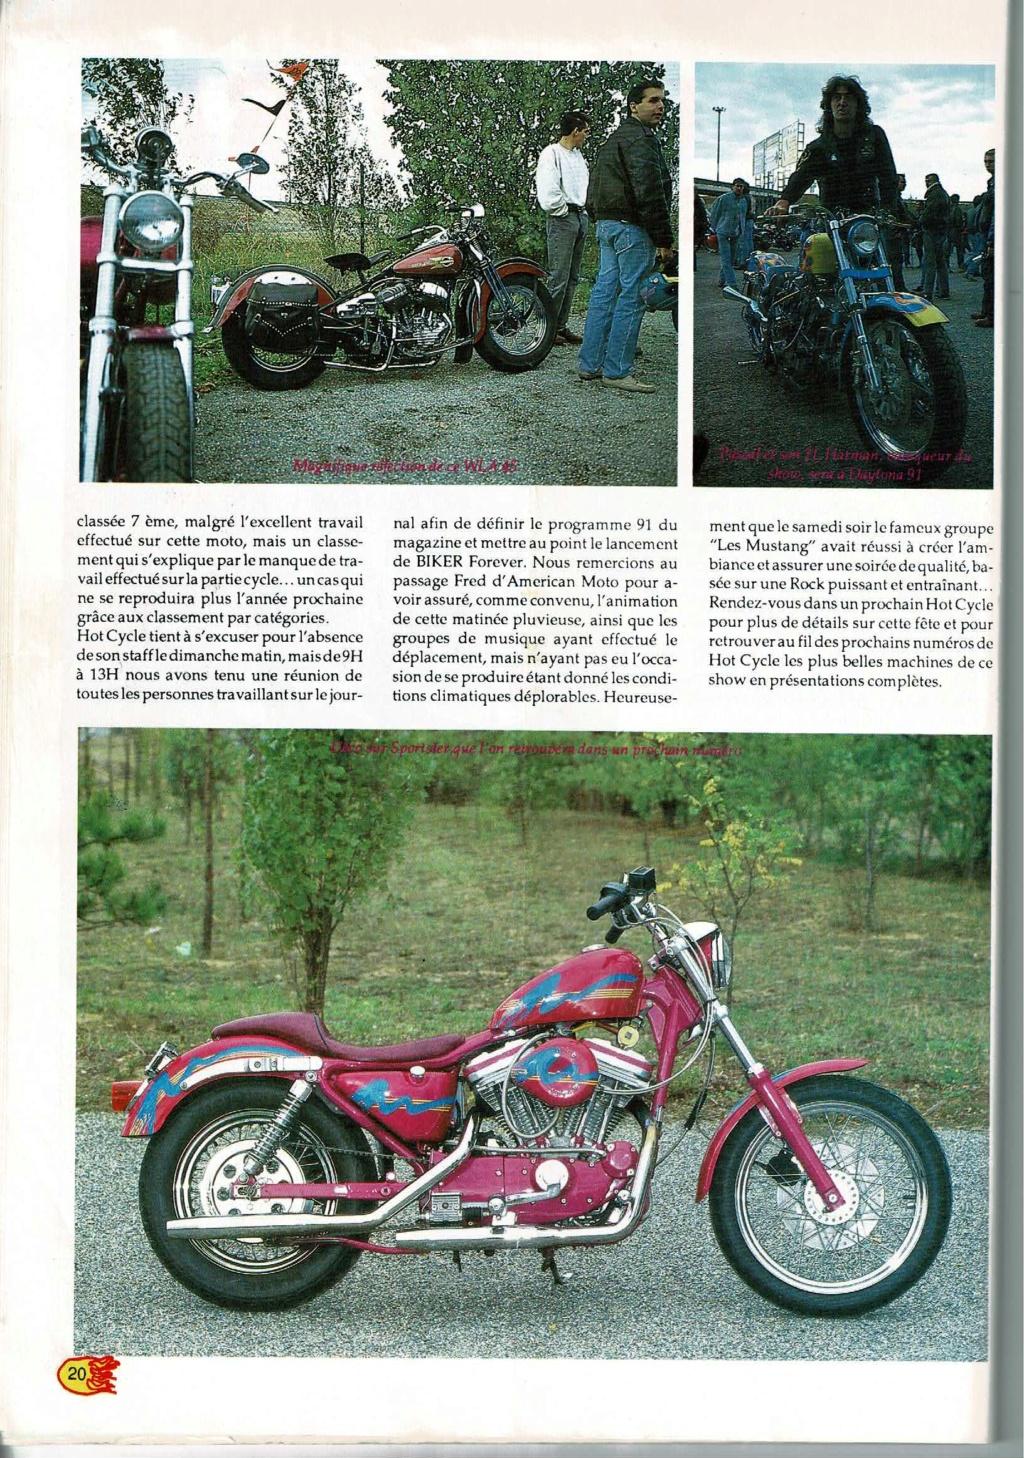 Couvertures de magazines et livres - Page 12 Brn3c211